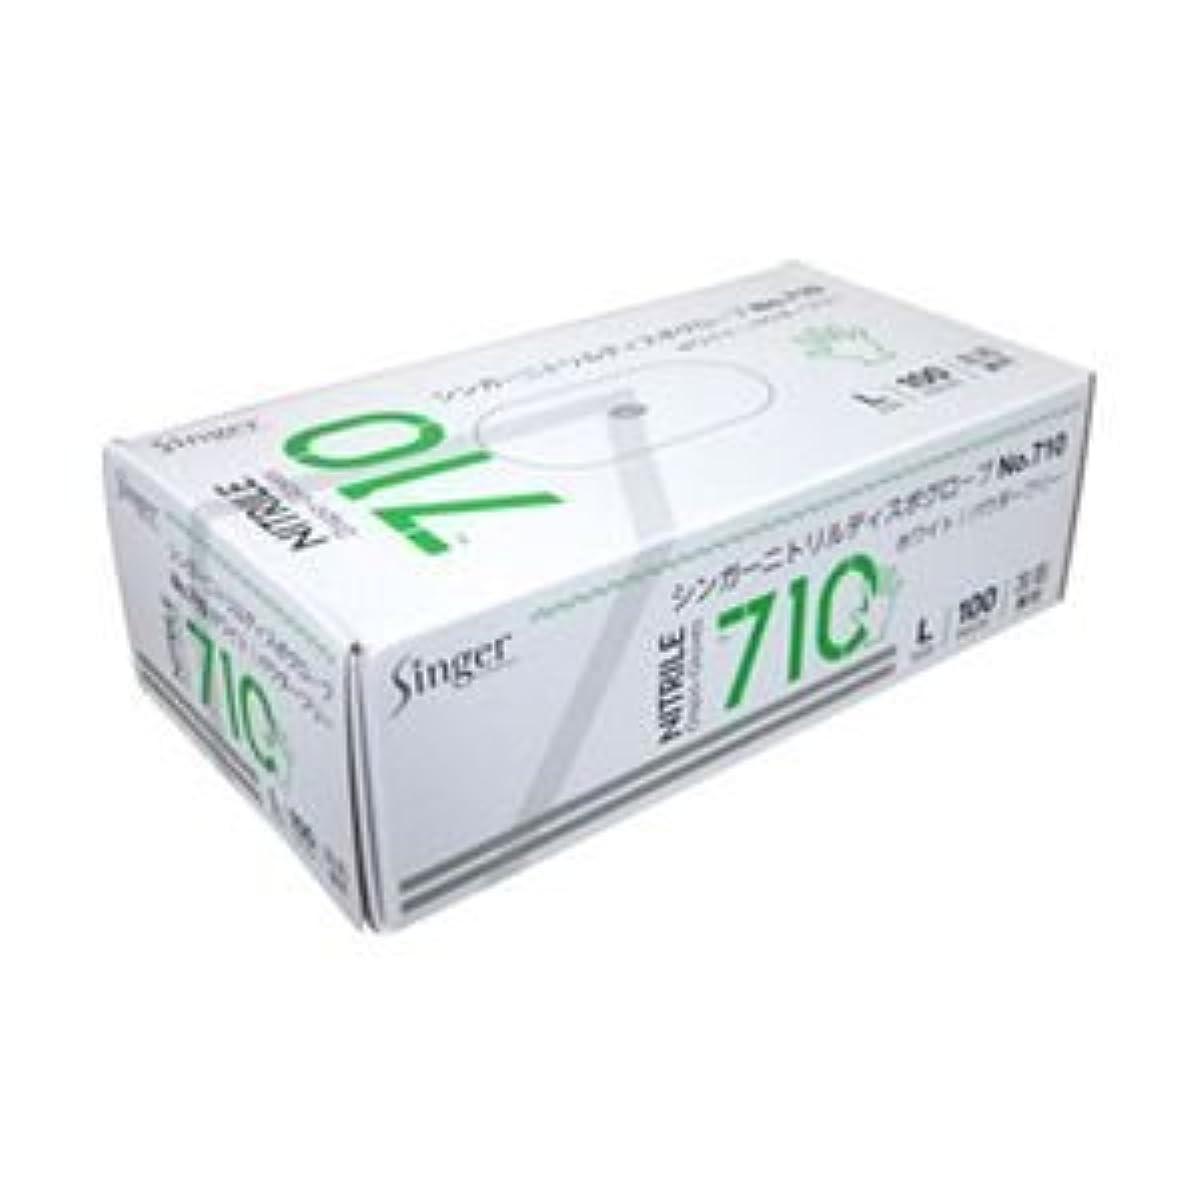 傭兵自明川宇都宮製作 ニトリル手袋 粉なし ホワイト L 1箱(100枚) ×5セット